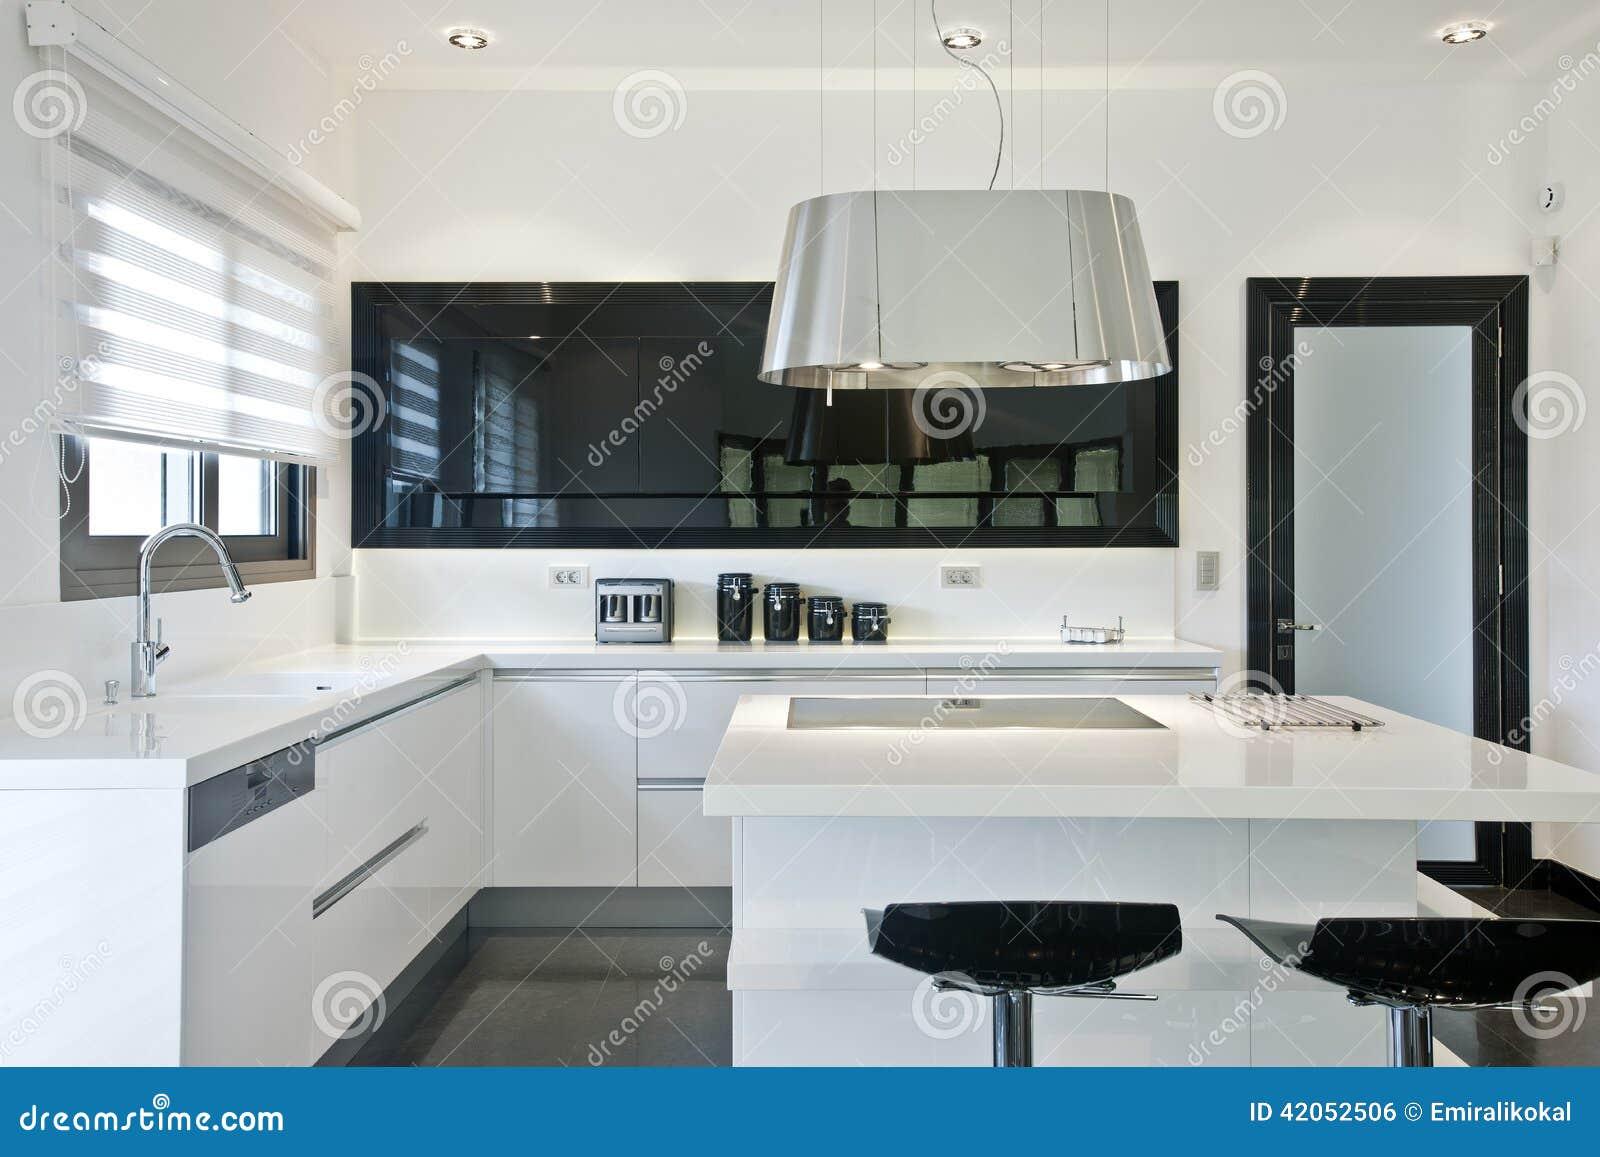 Fantastisch Bunte Eule Küchendekor Bilder - Ideen Für Die Küche ...